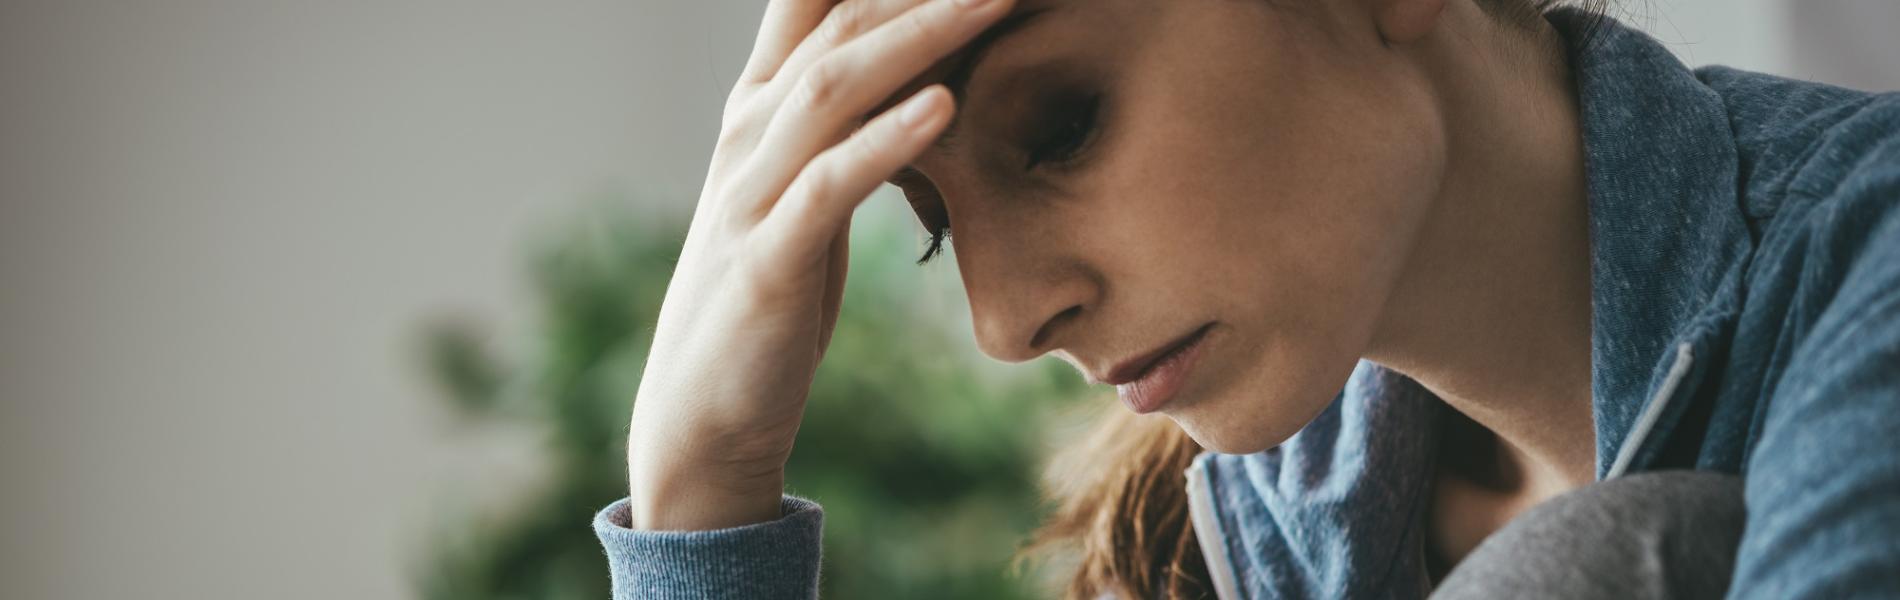 סובלות בשקט: המחלות שכולנו מעדיפות להסתיר